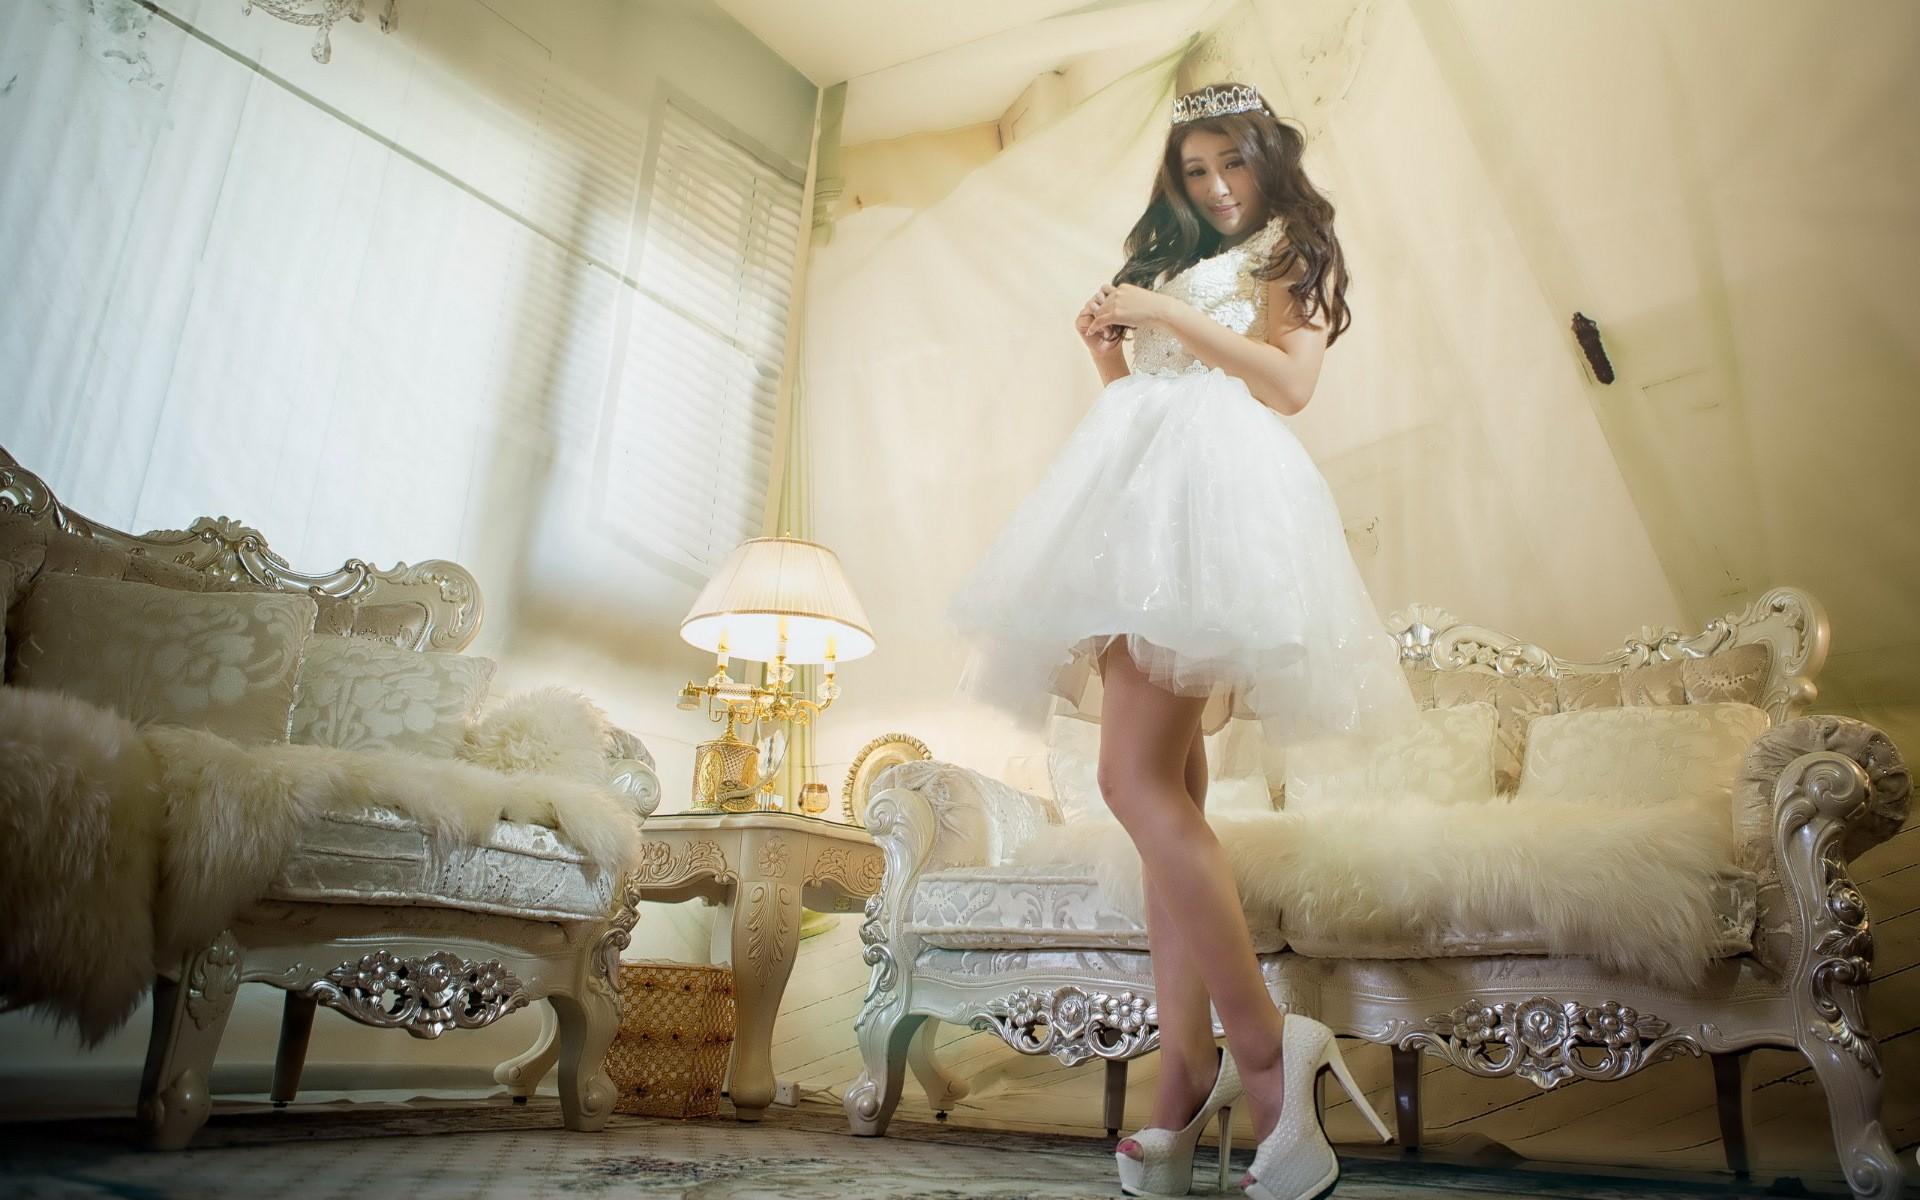 Hintergrundbilder : Modell-, asiatisch, High Heels, Fotografie ...